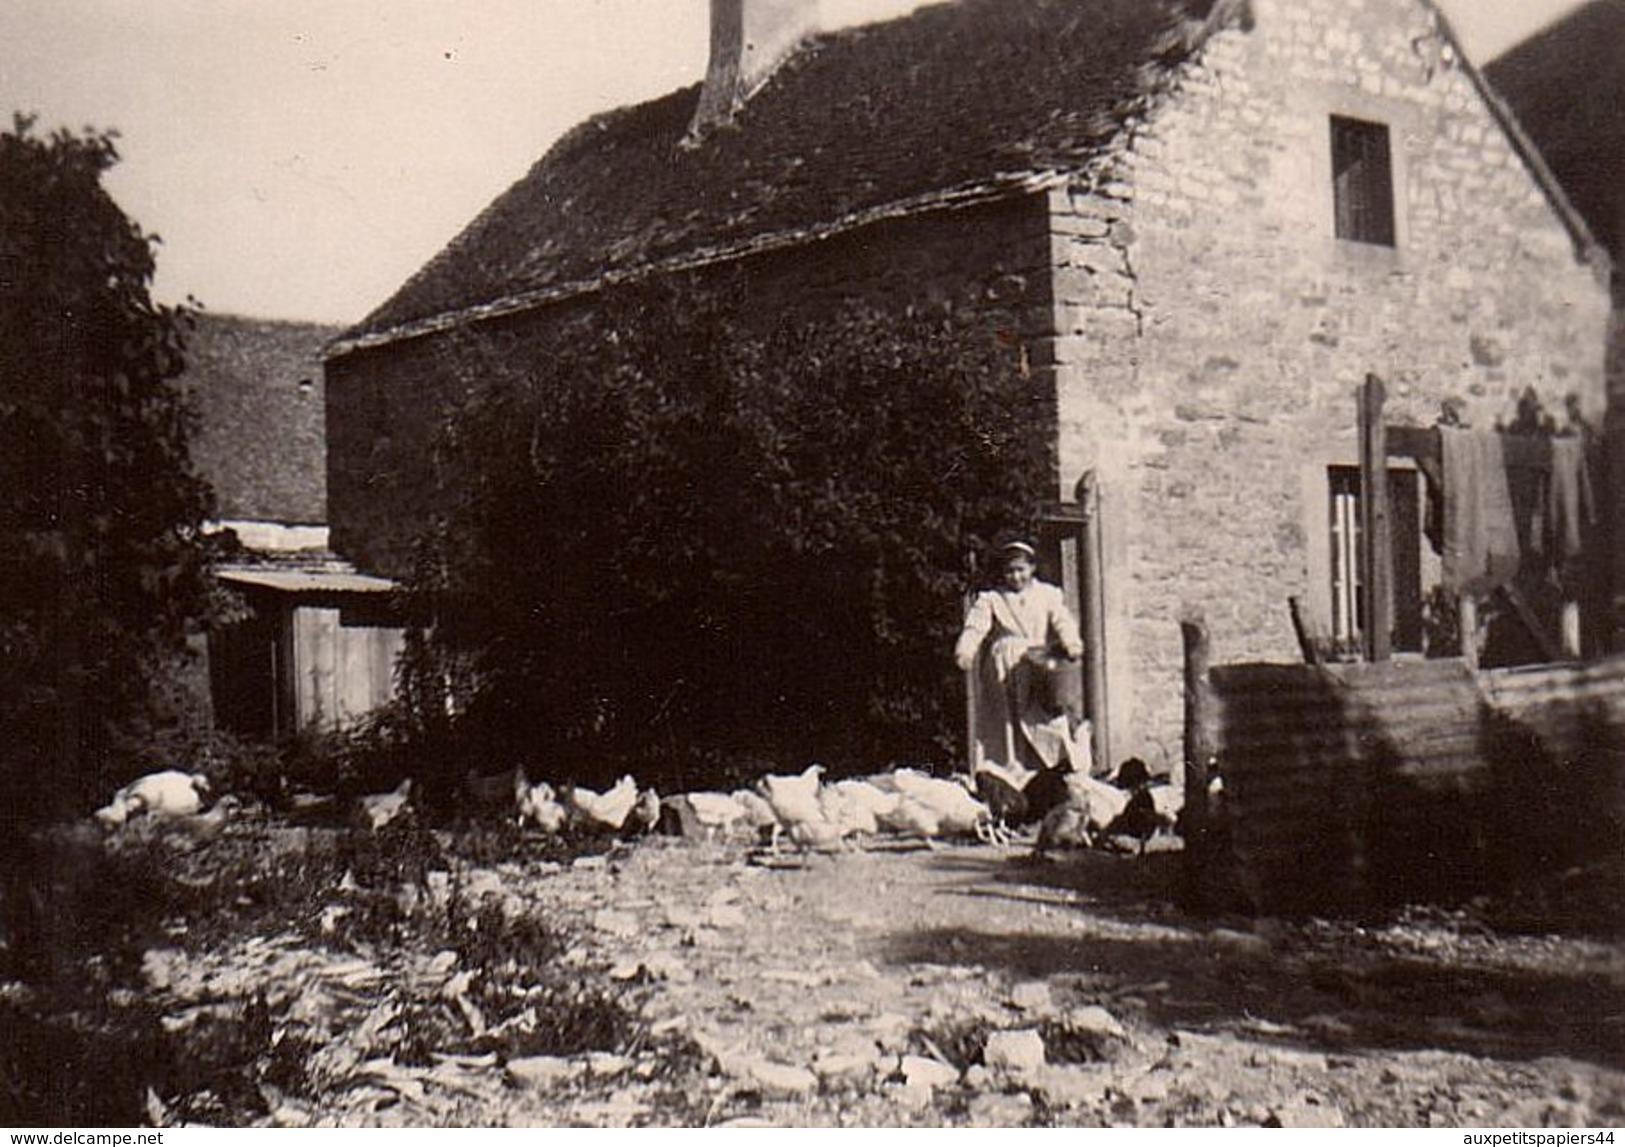 Photo Originale Ferme & Fermiers, Paysans, Jeune Femme Distribuant La Nourriture Aux Poules - Basse-cour & Volaille - Professions